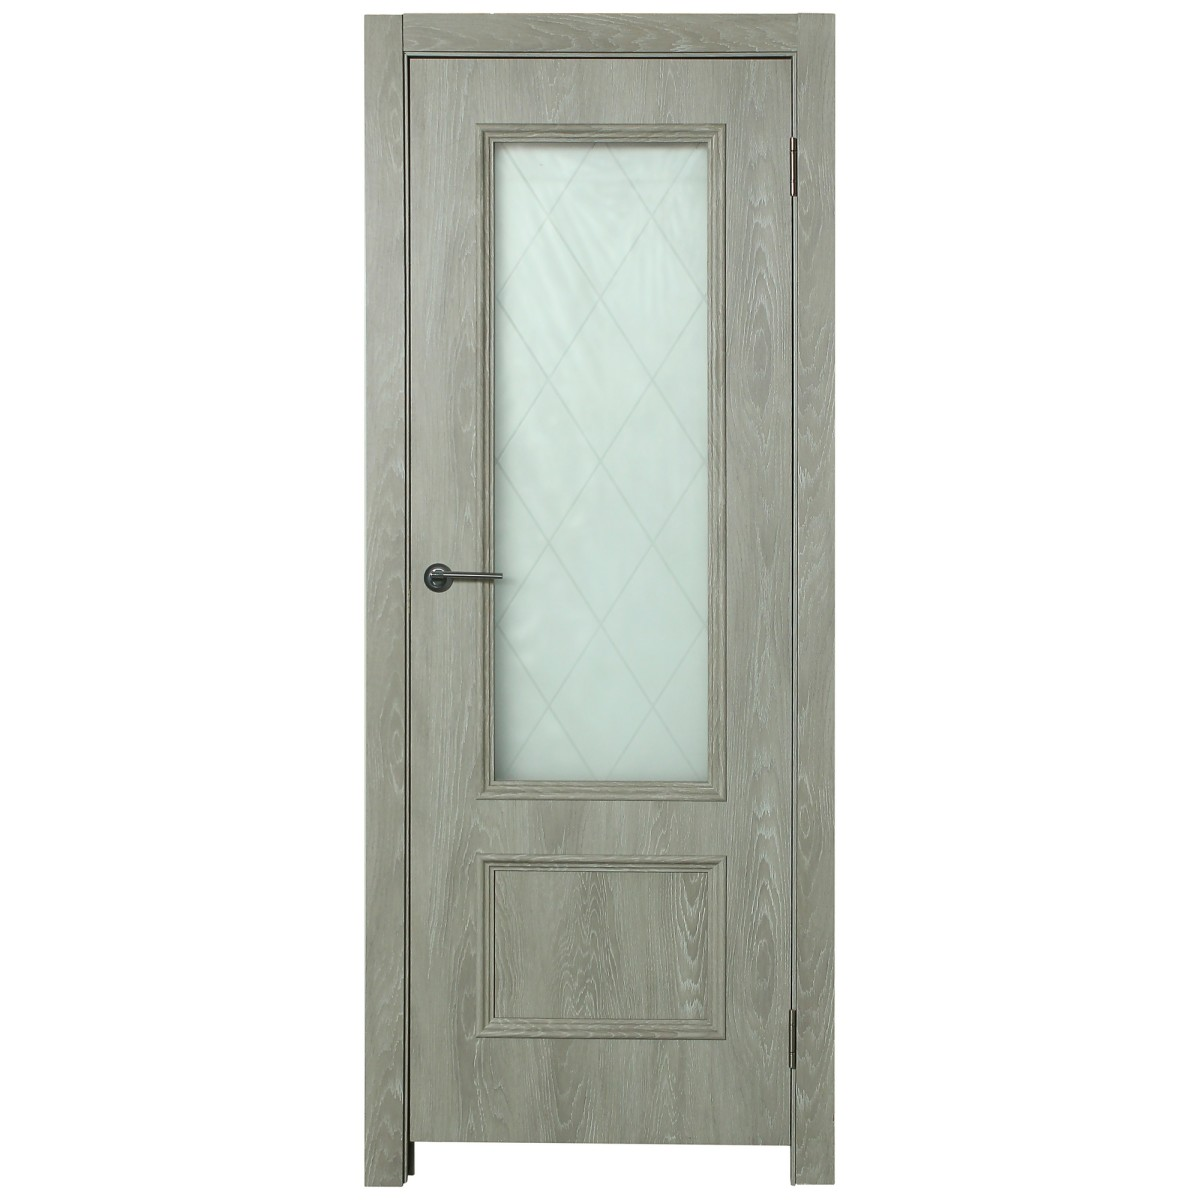 Дверь межкомнатная остеклённая Престиж 60x200 см цвет дуб